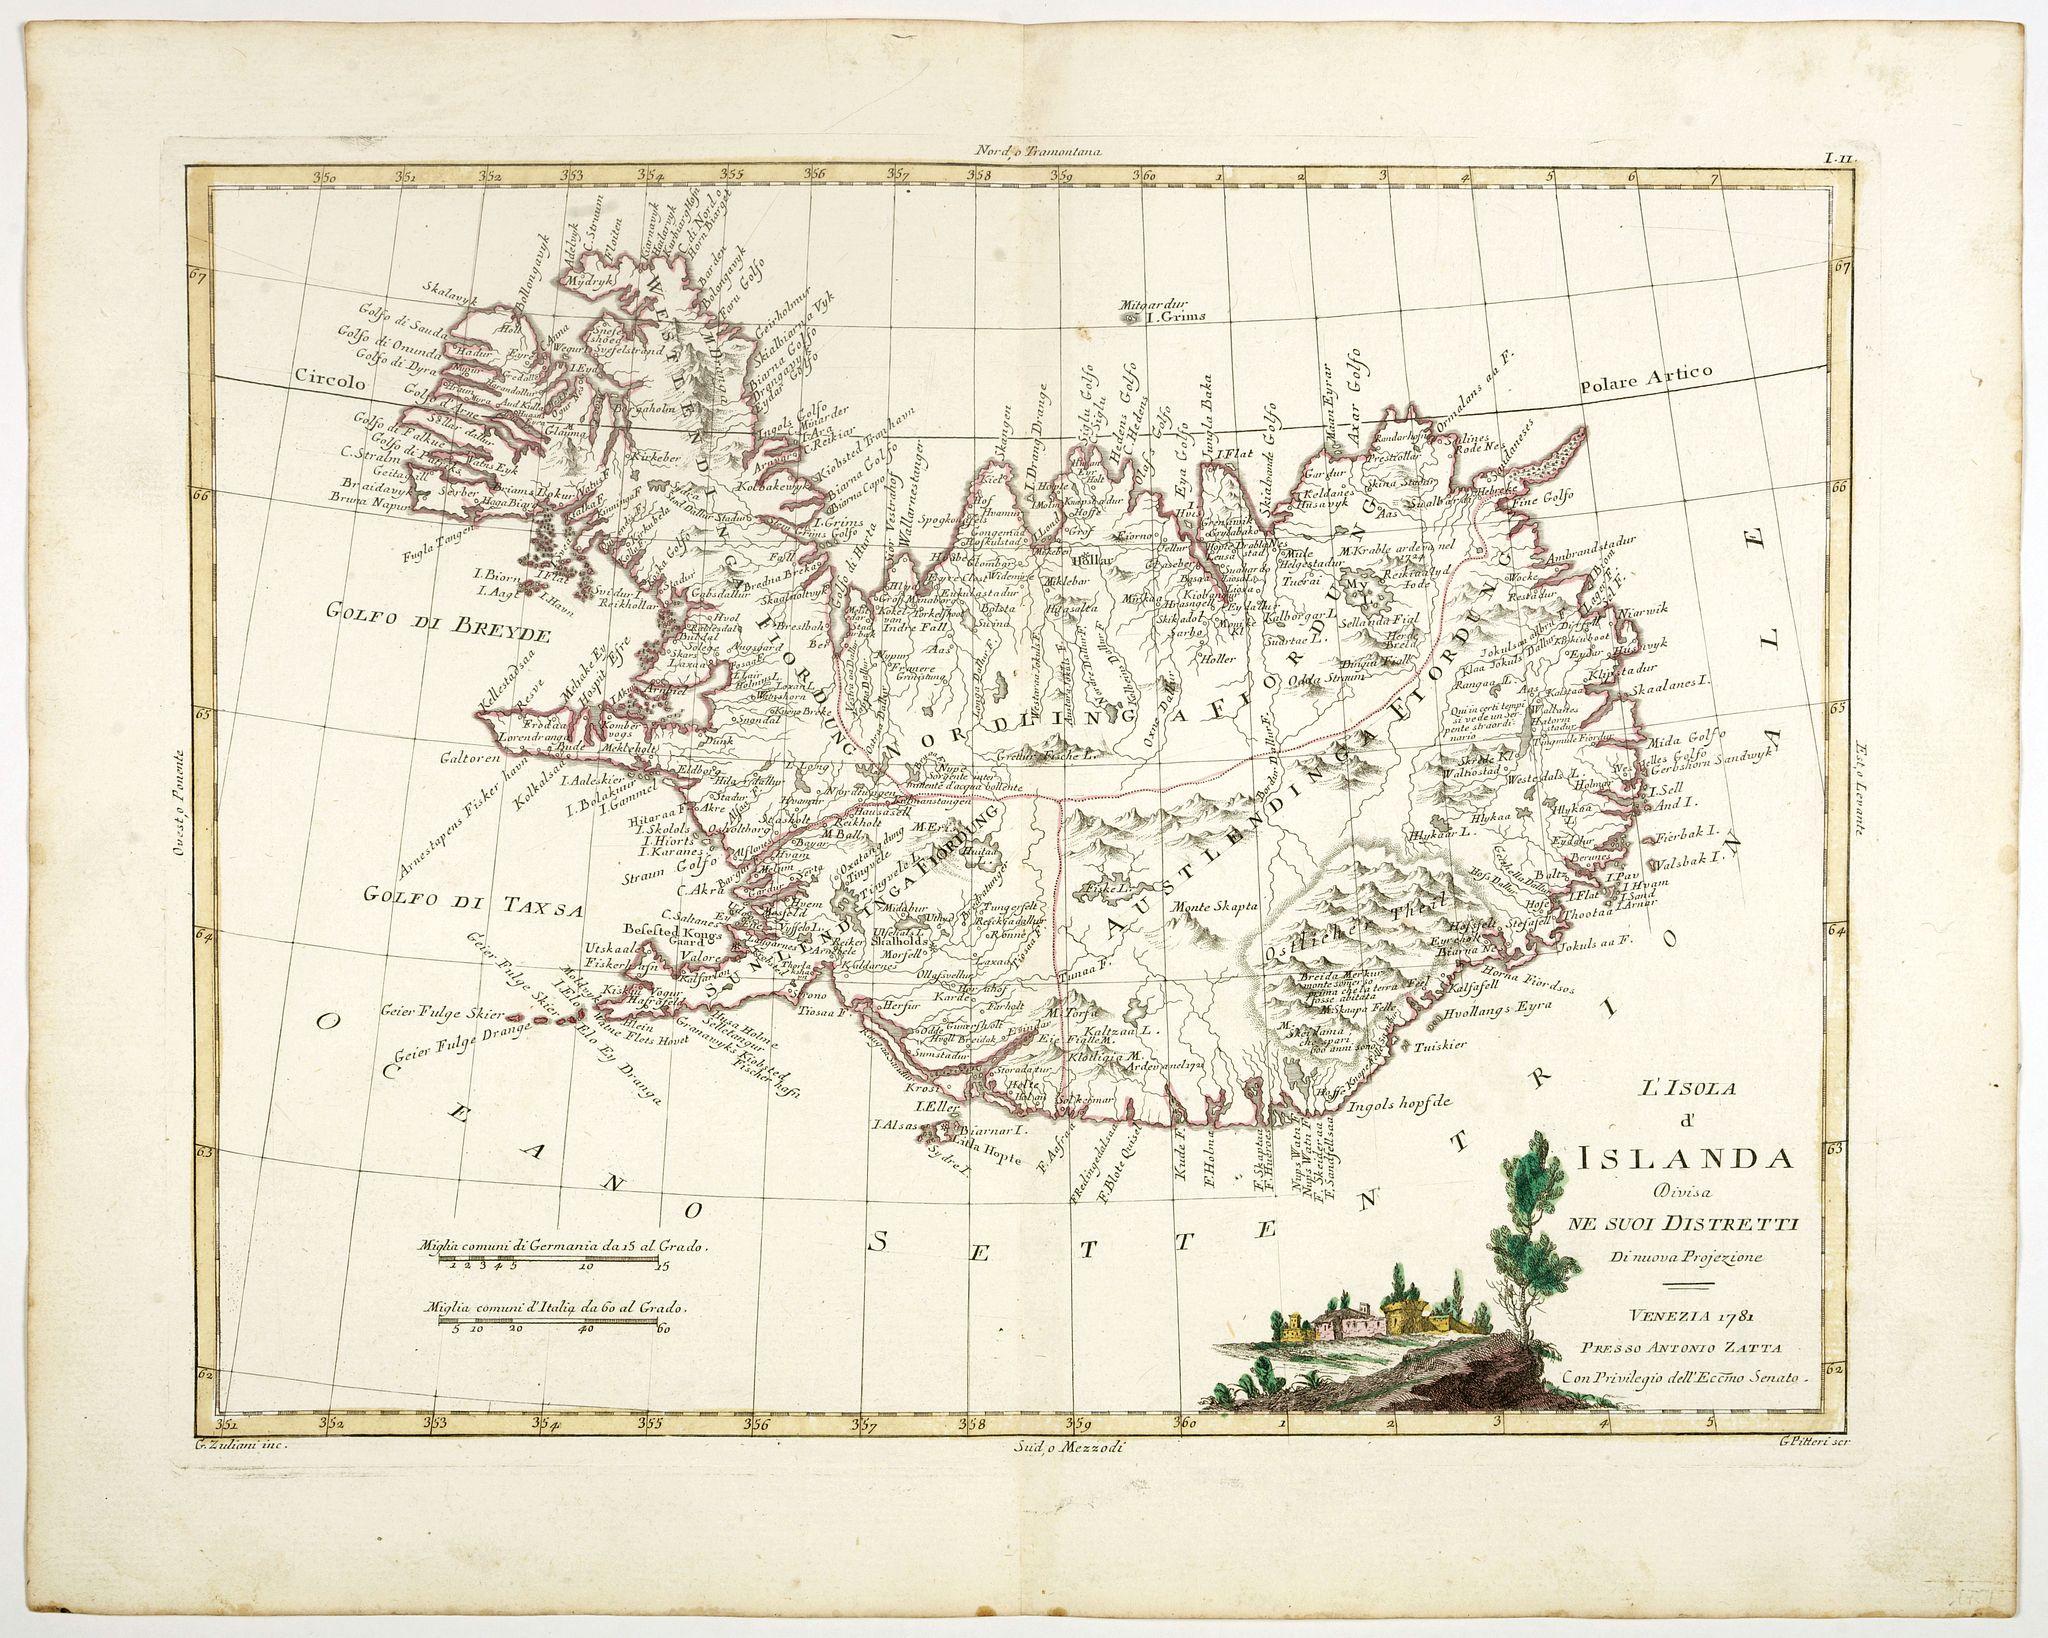 ZATTA, A -  L'Isola d'Islanda divisa Ne Suoi Distretti Di nuova Projezione.